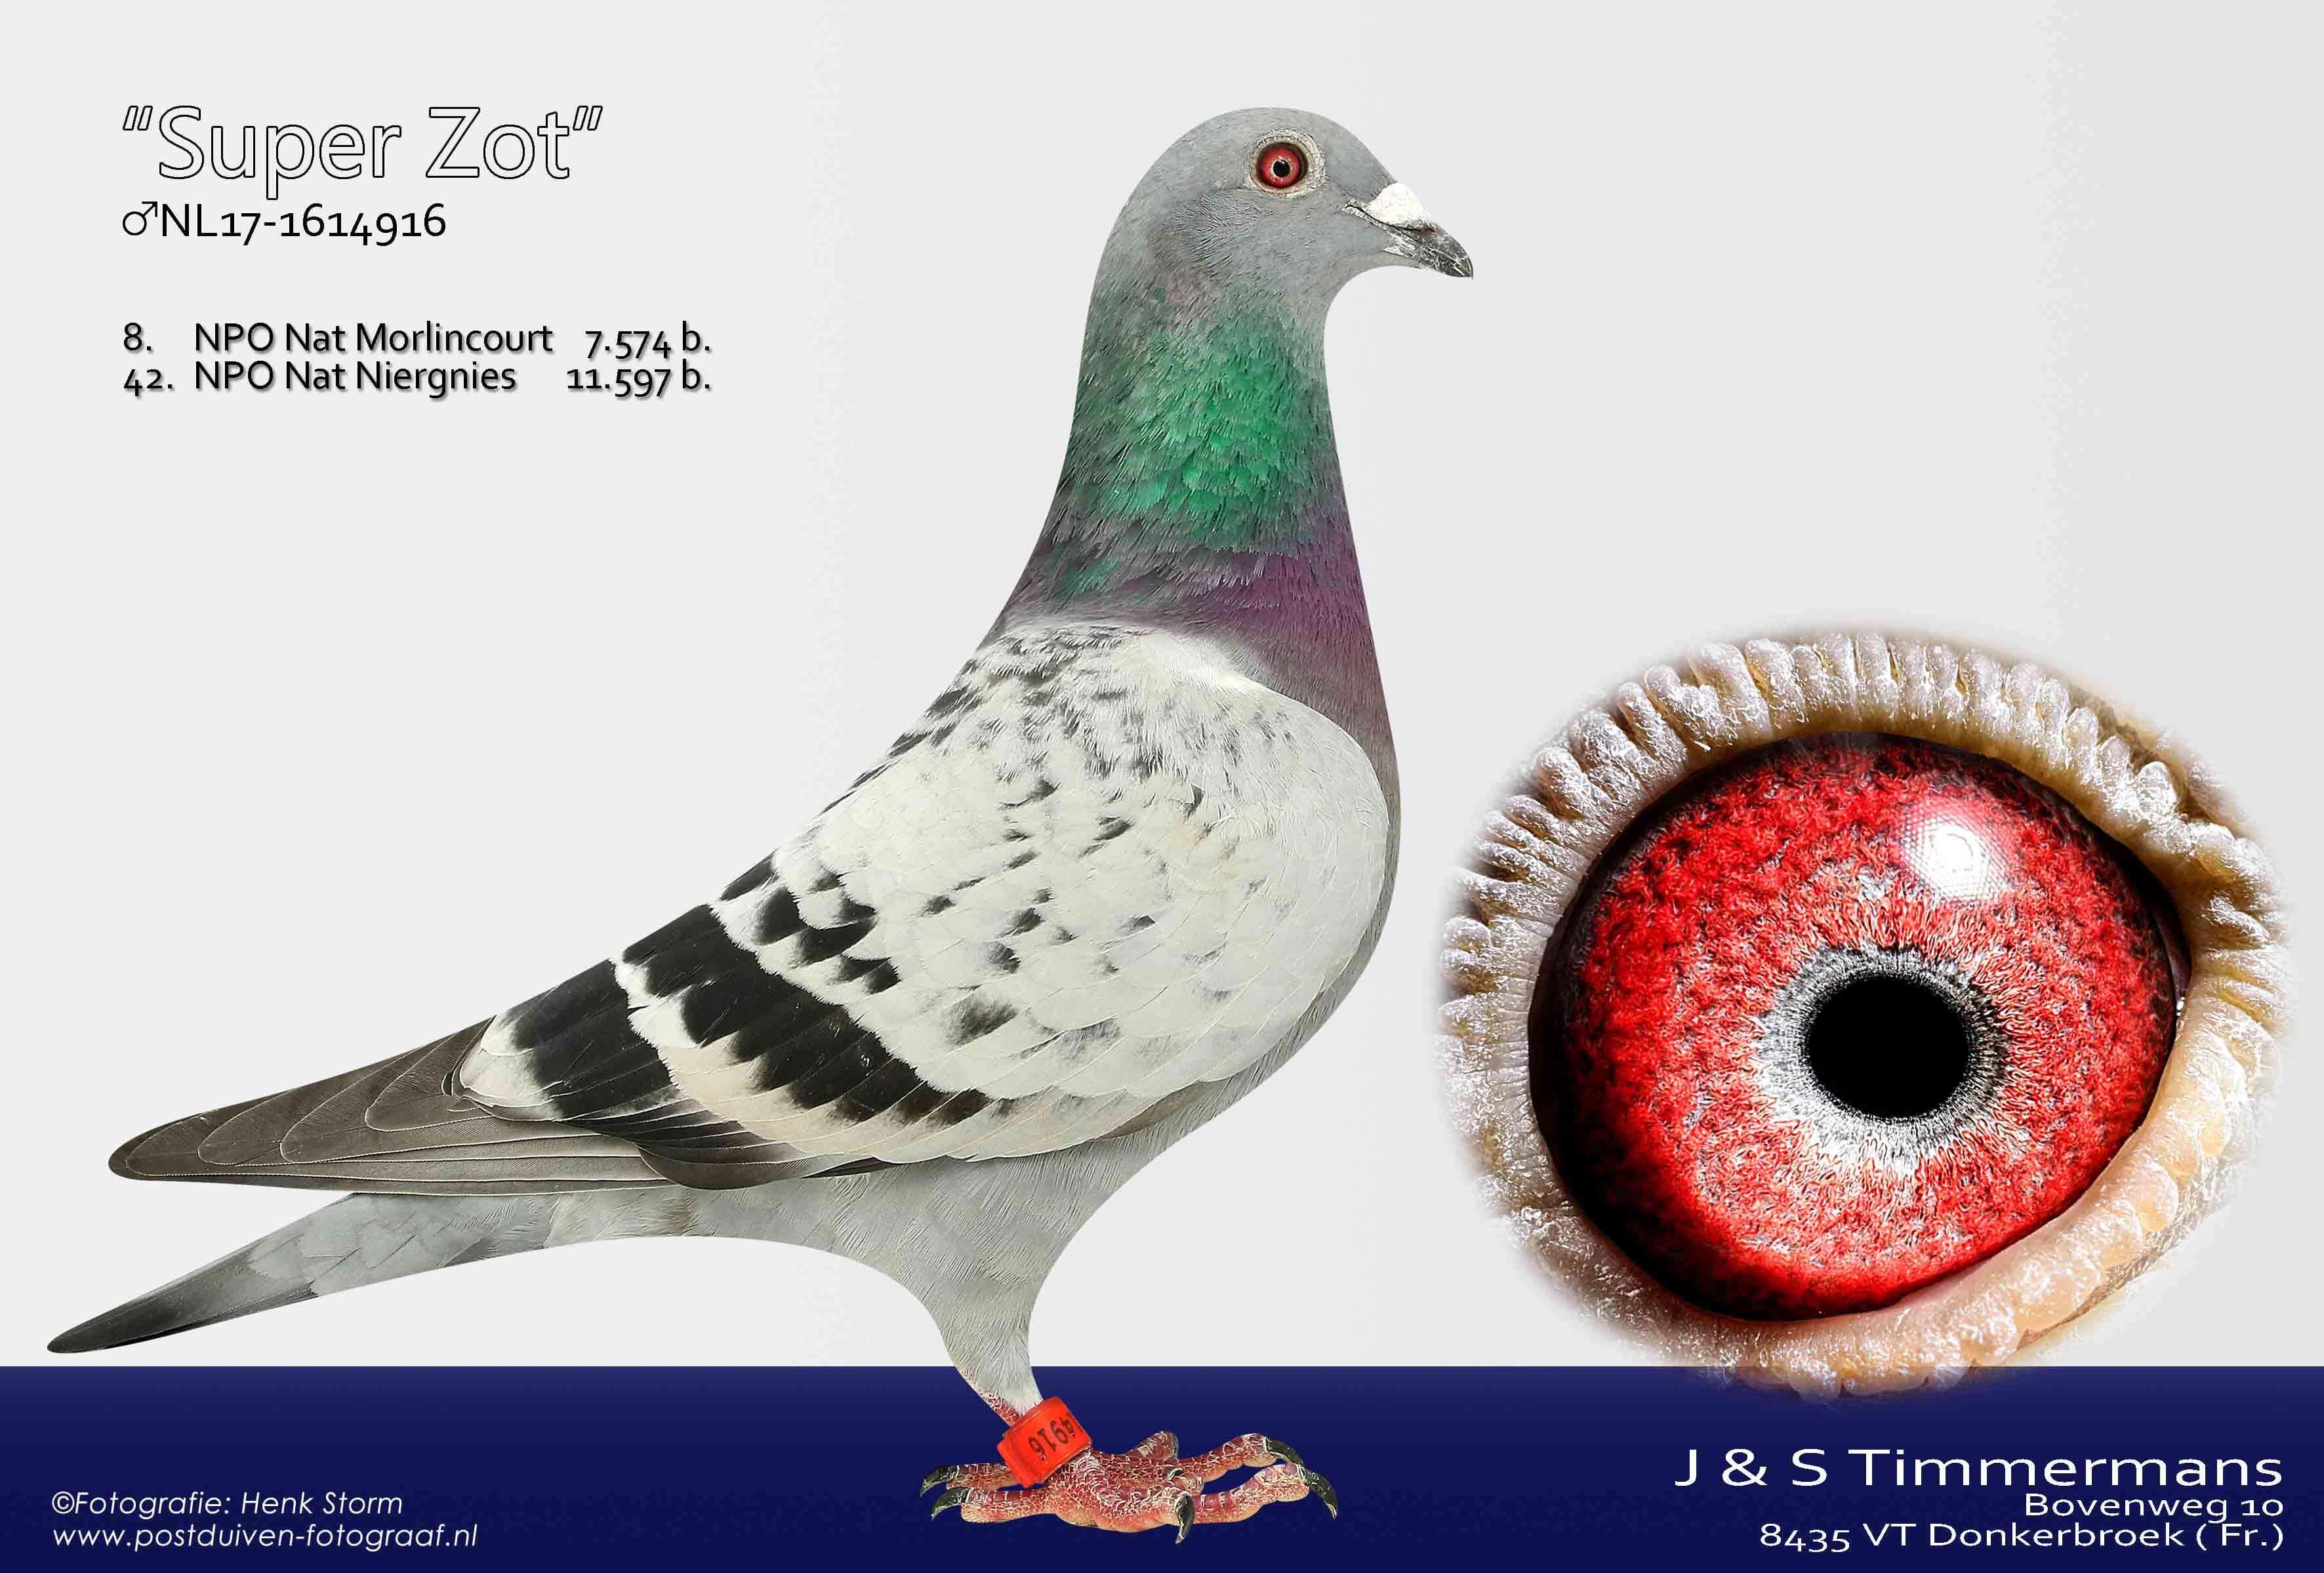 Super-Zot-NL17-1614916